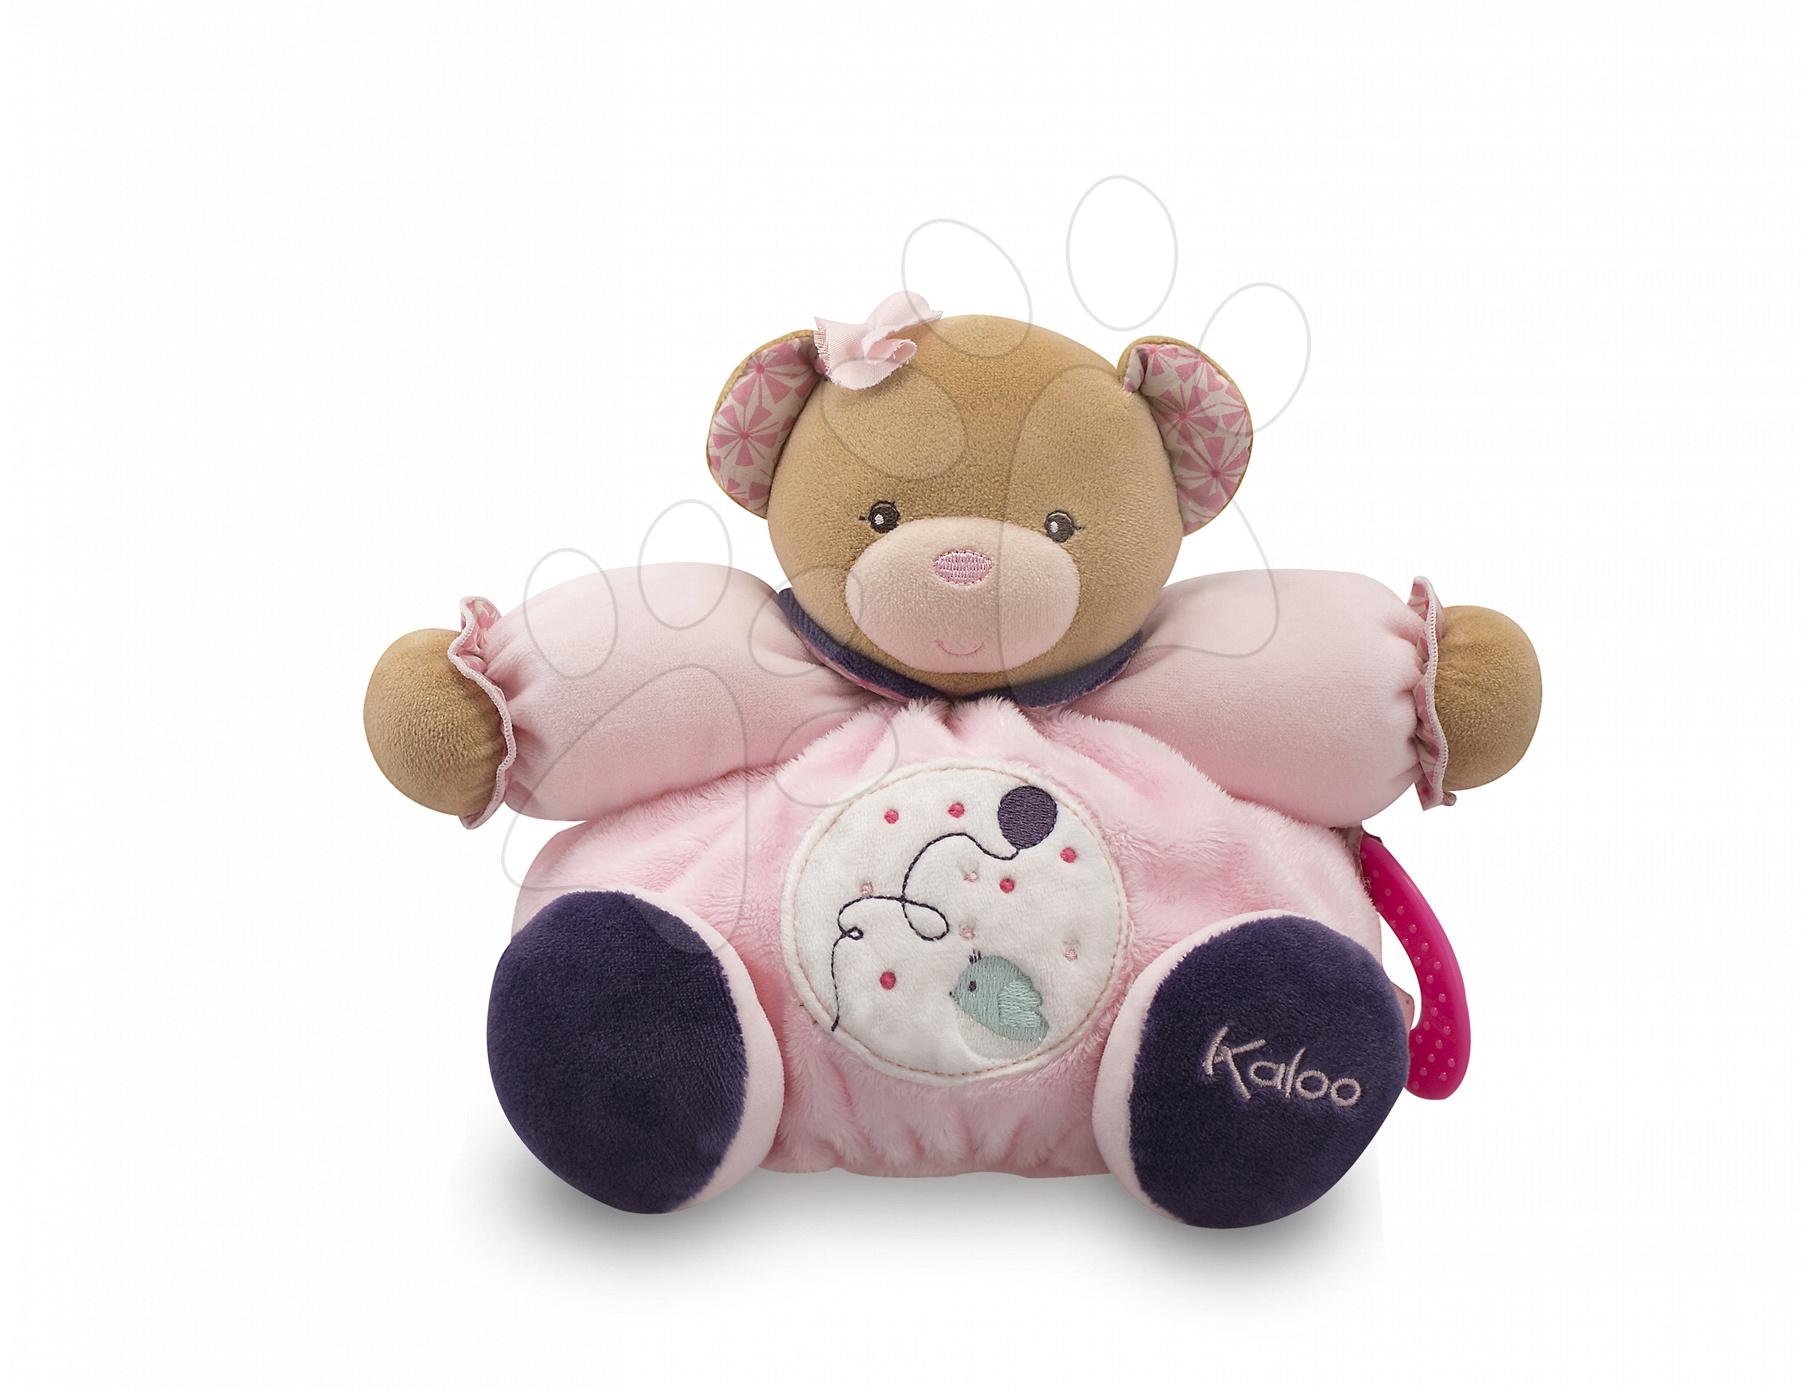 Plyšové medvede - Plyšový medvedík Petite Rose-Chubby Bear Baloon Kaloo s hryzátkom 25 cm v darčekovom balení pre najmenších ružový